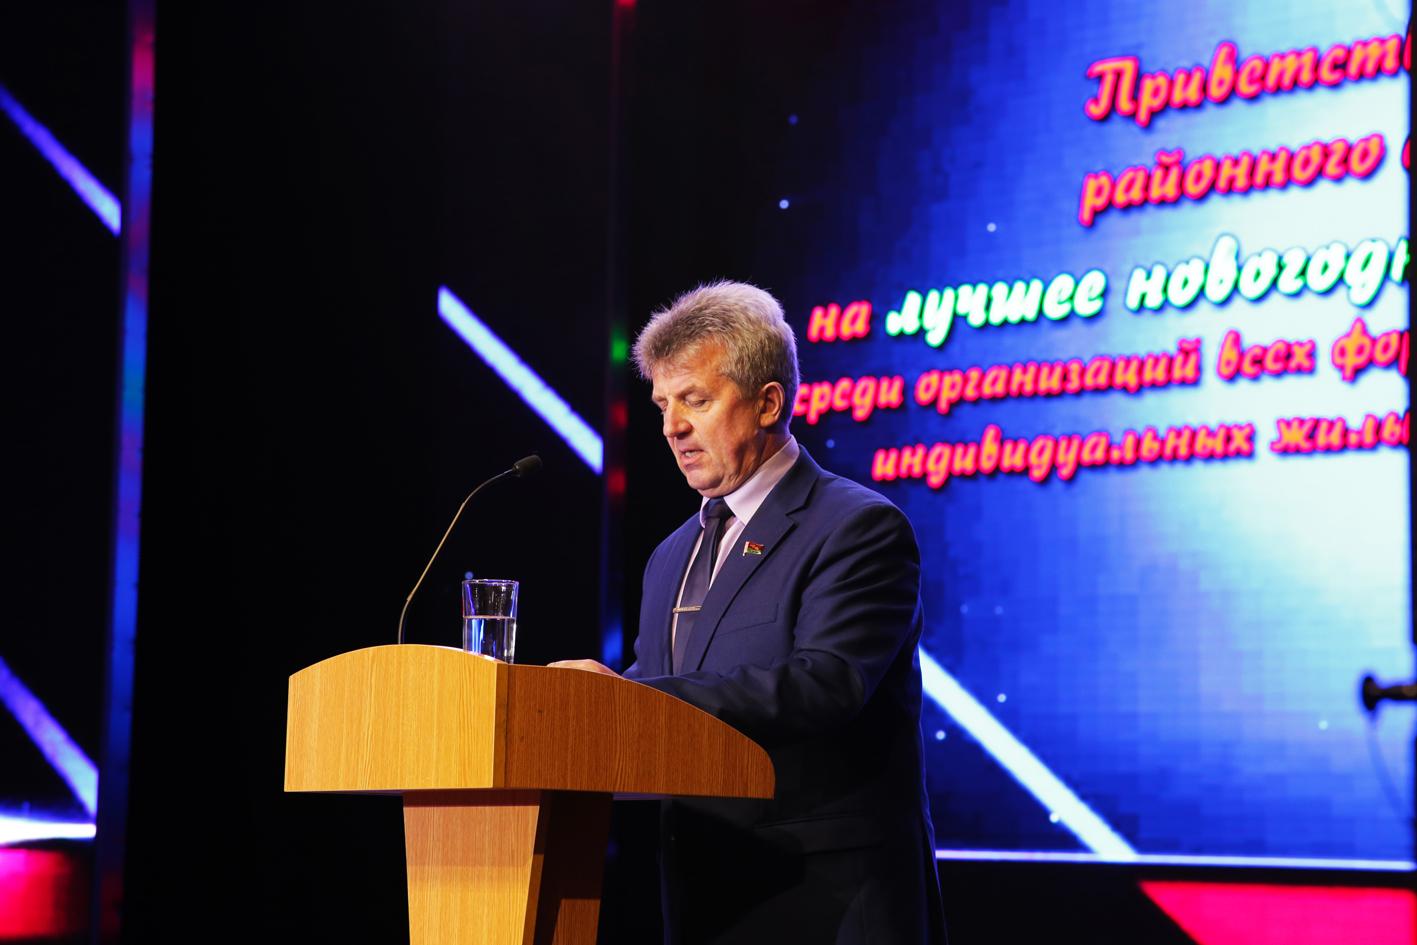 В Борисове наградили участников районного смотра-конкурса на лучшее новогоднее оформление объектов 1